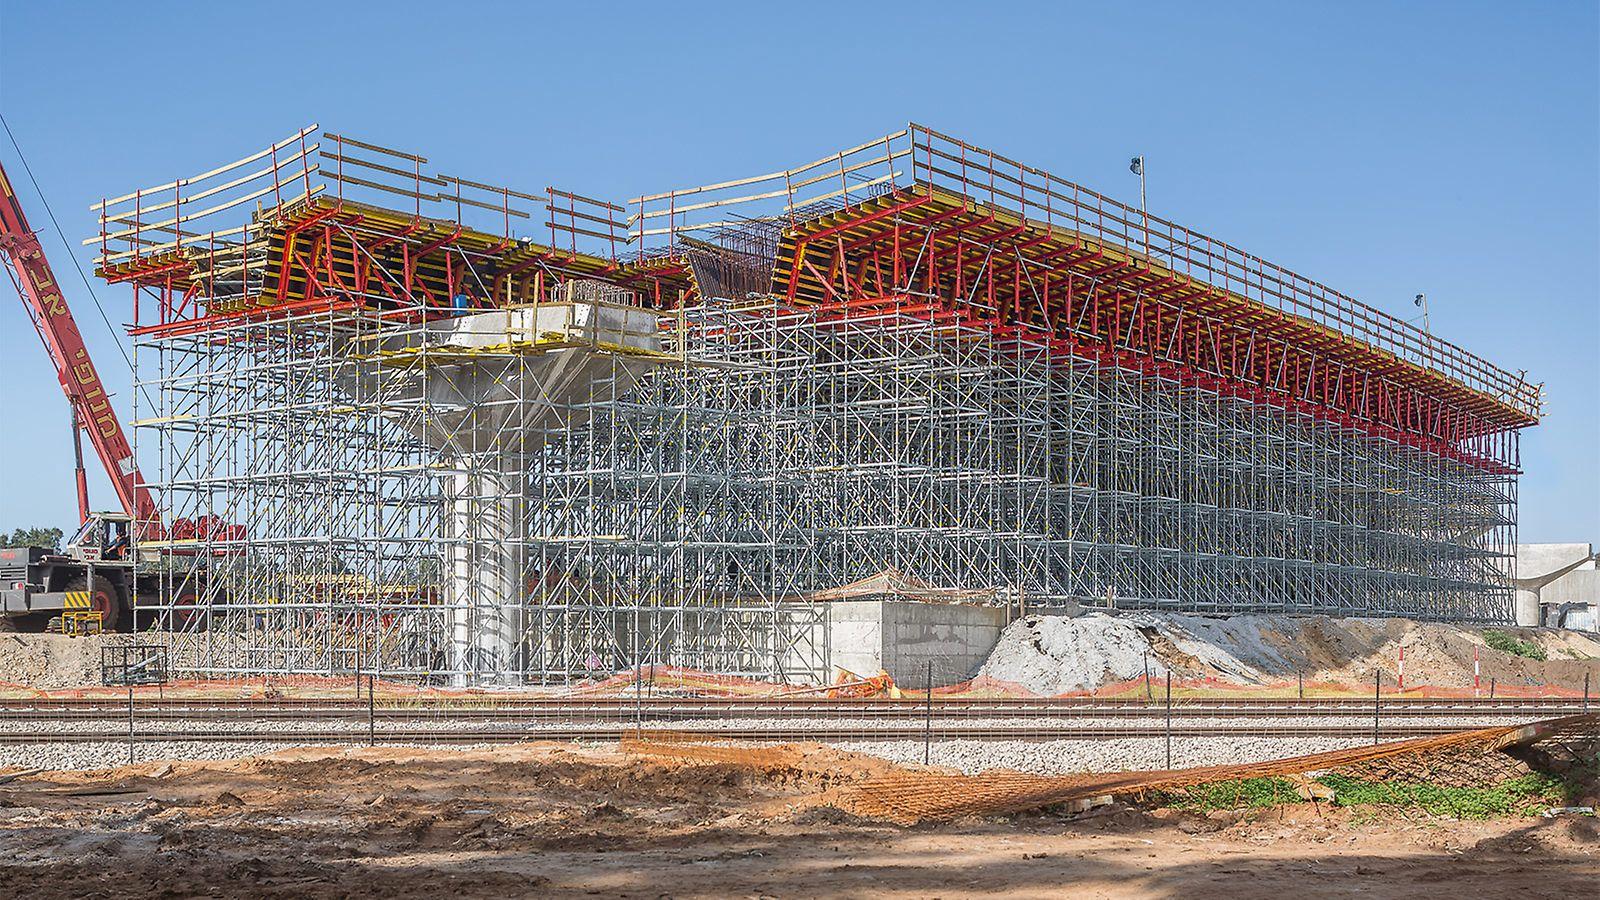 Os engenheiros especializados da PERI Israel combinaram a fôrma da estrutura com o escoramento para fazer o cruzamento de uma rodovia sobre uma linha férrea.